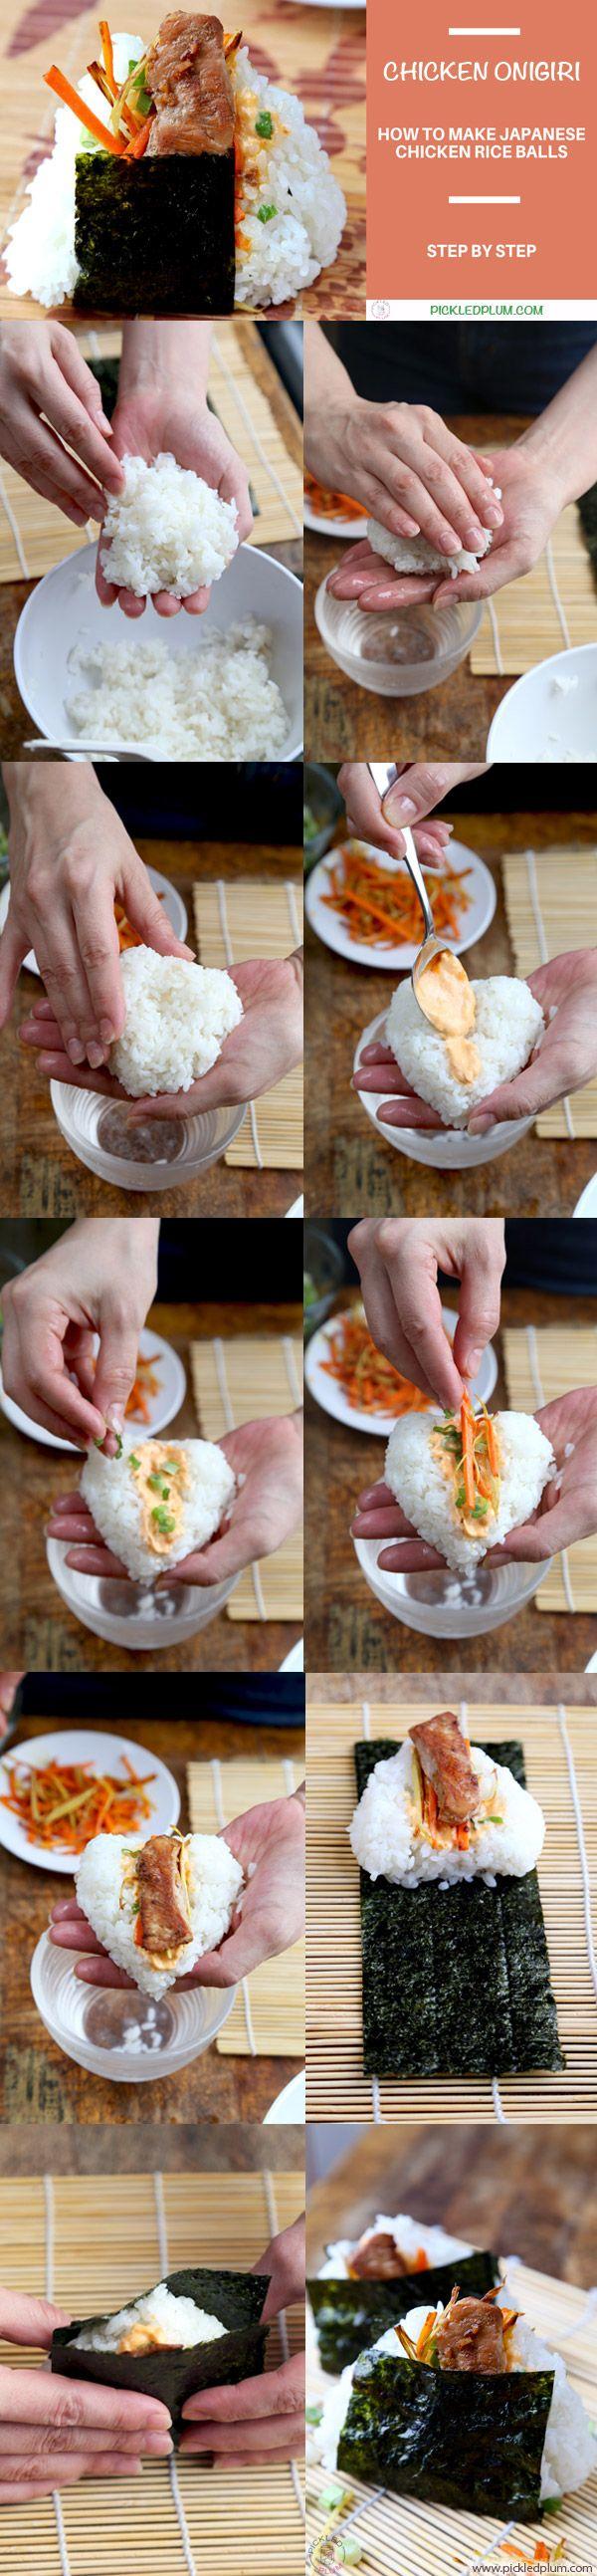 Onigiri with Chicken, Spicy Sriracha Mayo, Carrot & Ginger | Pickled Plum